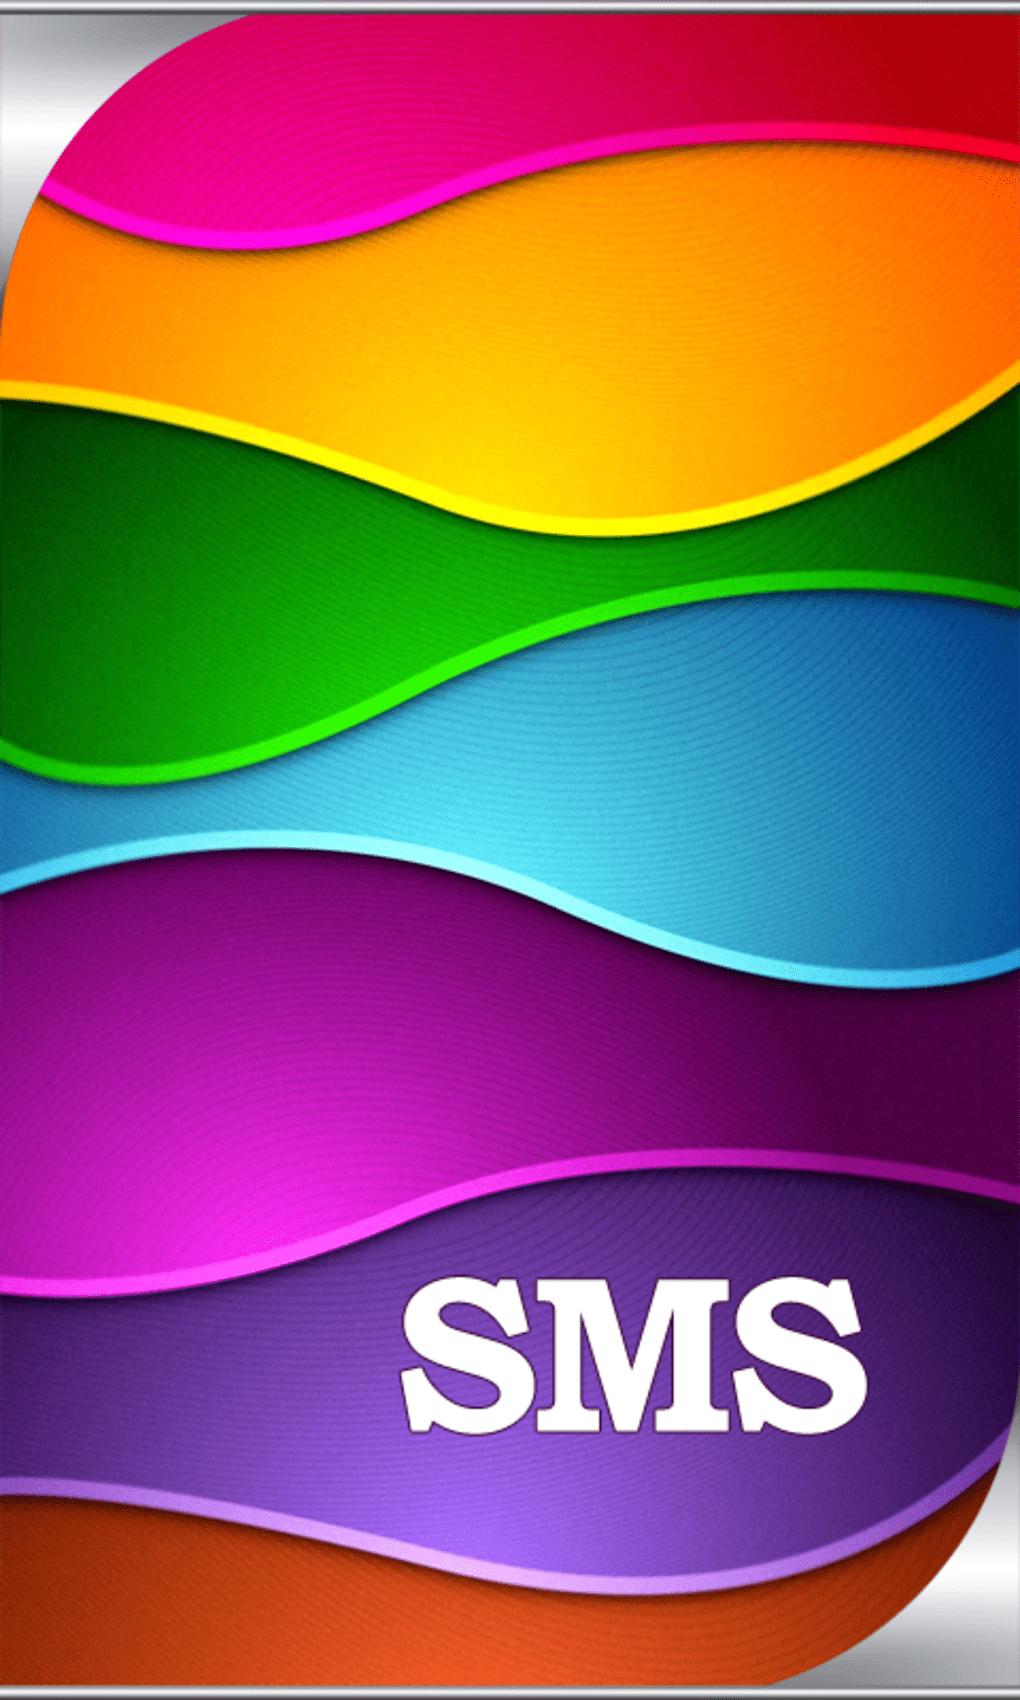 Sms ringtones androidmobilezone. Com.